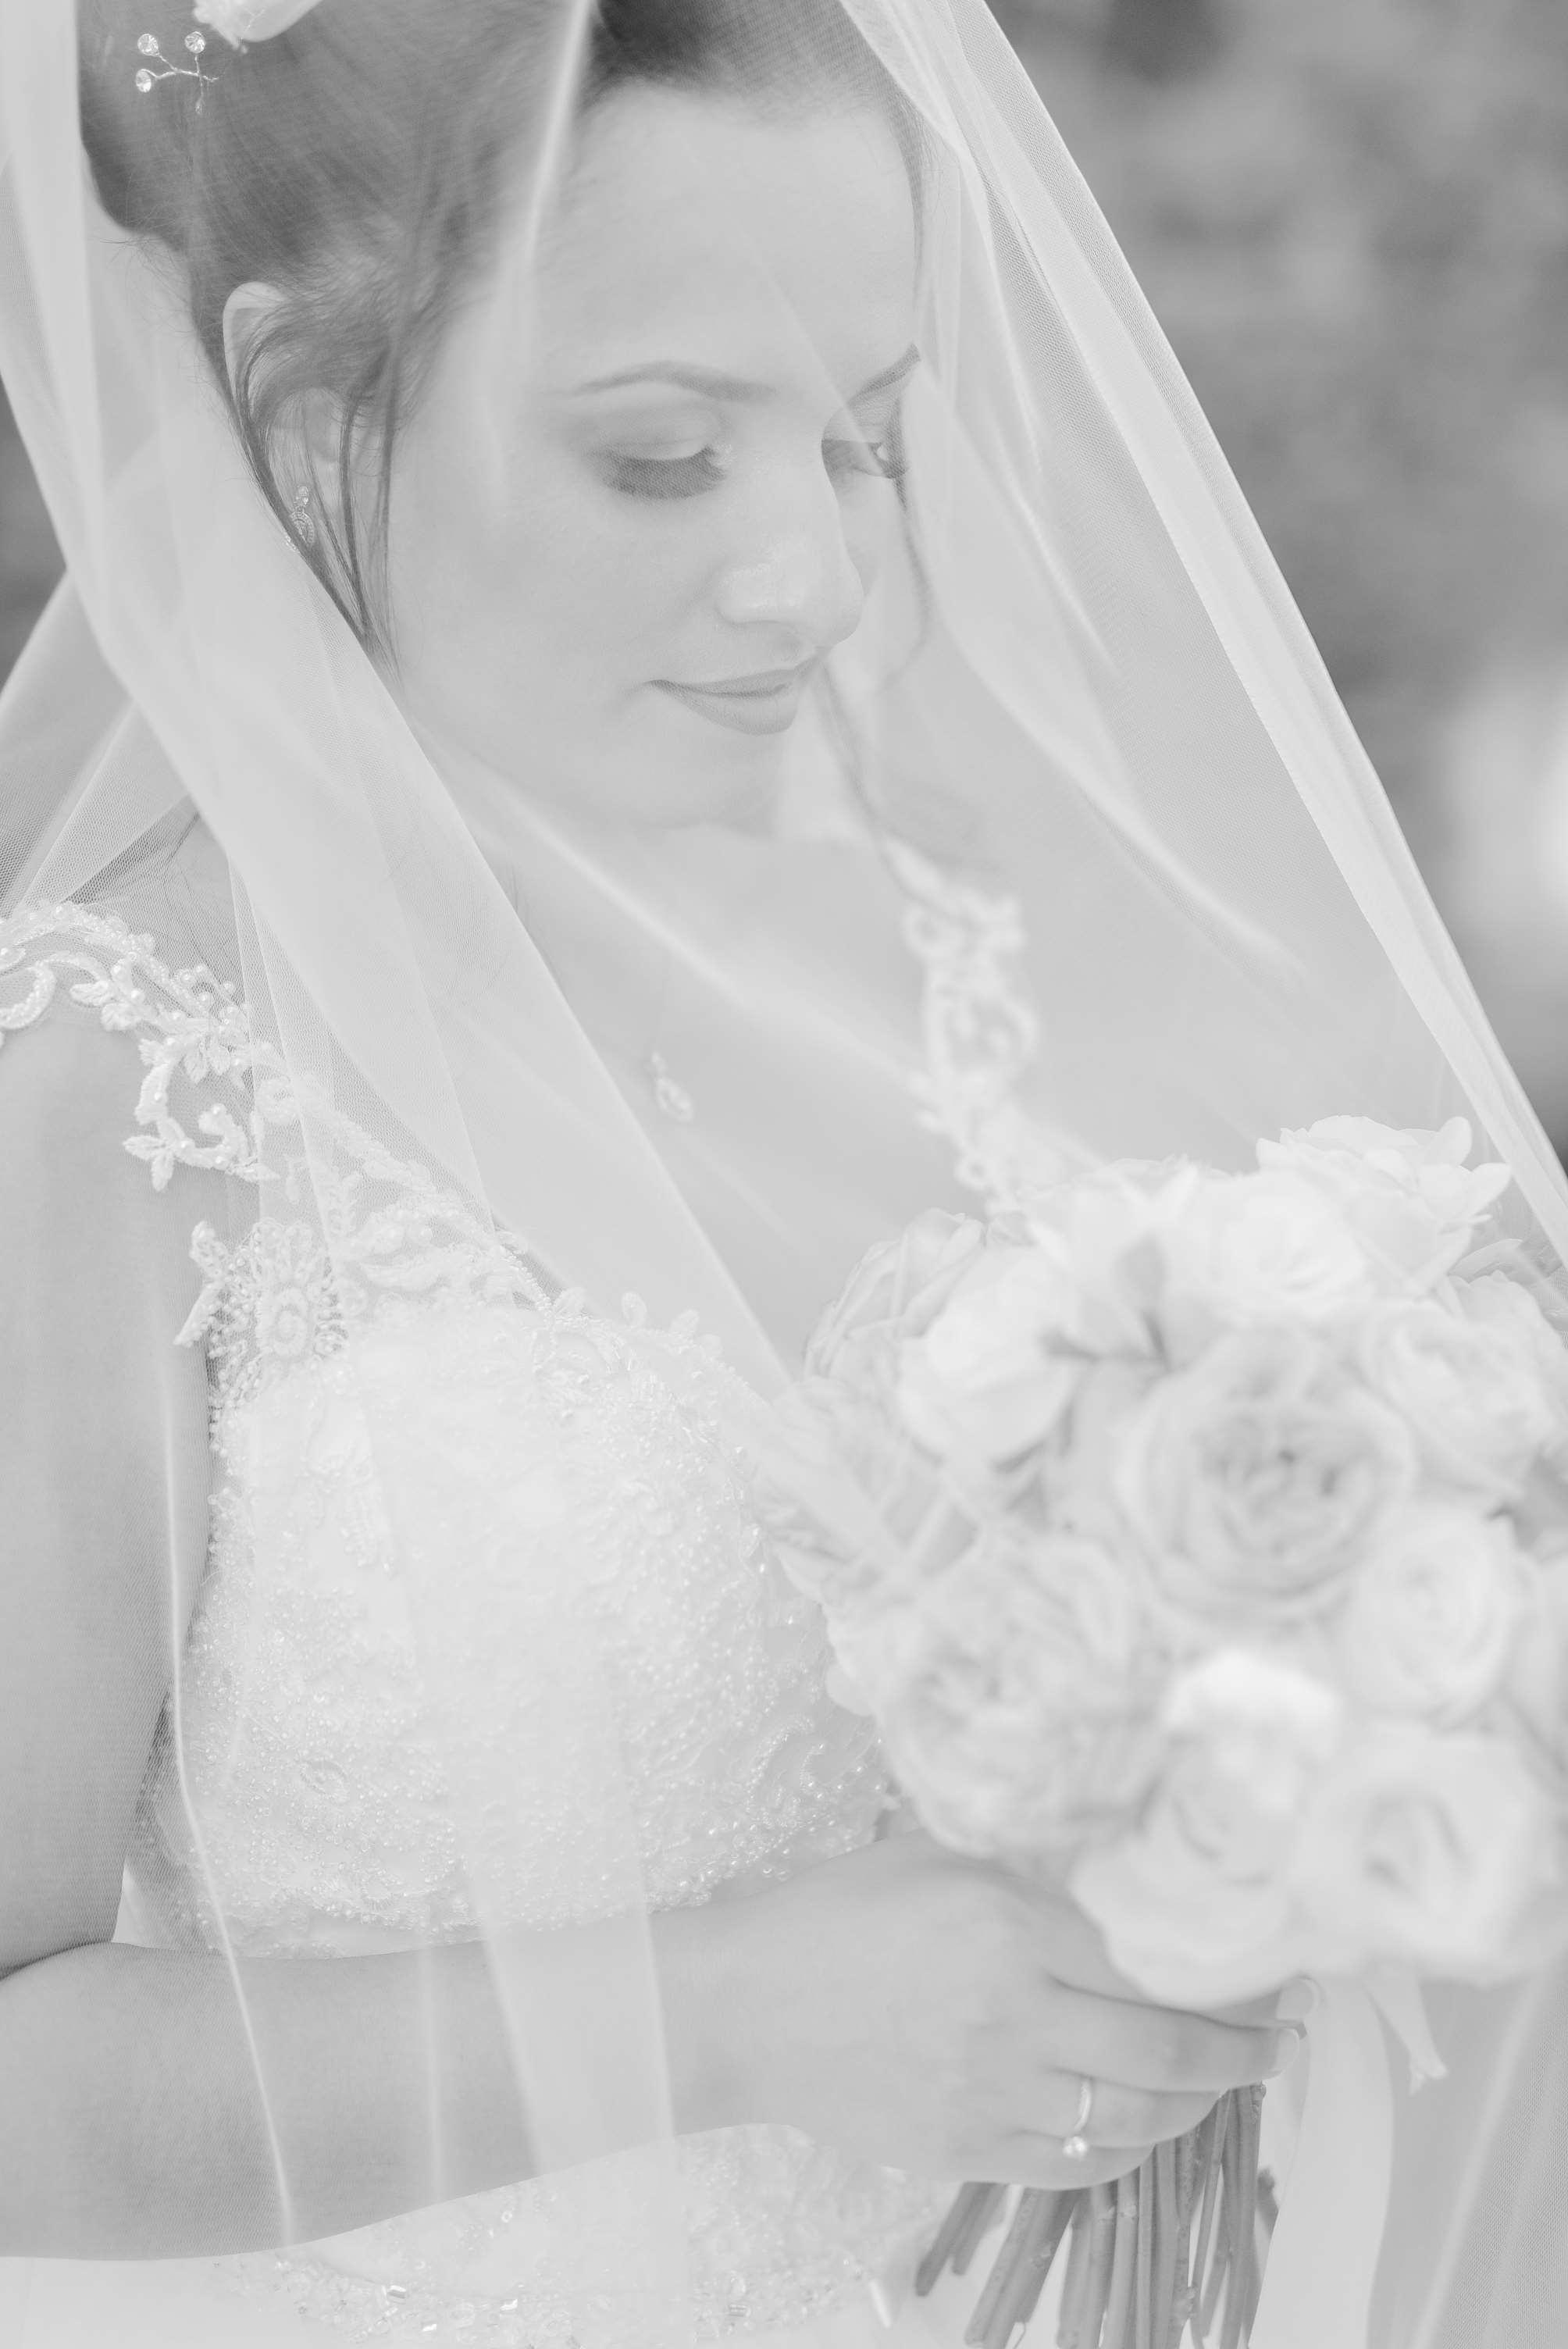 Nunta-Sibiu-fotograf-22